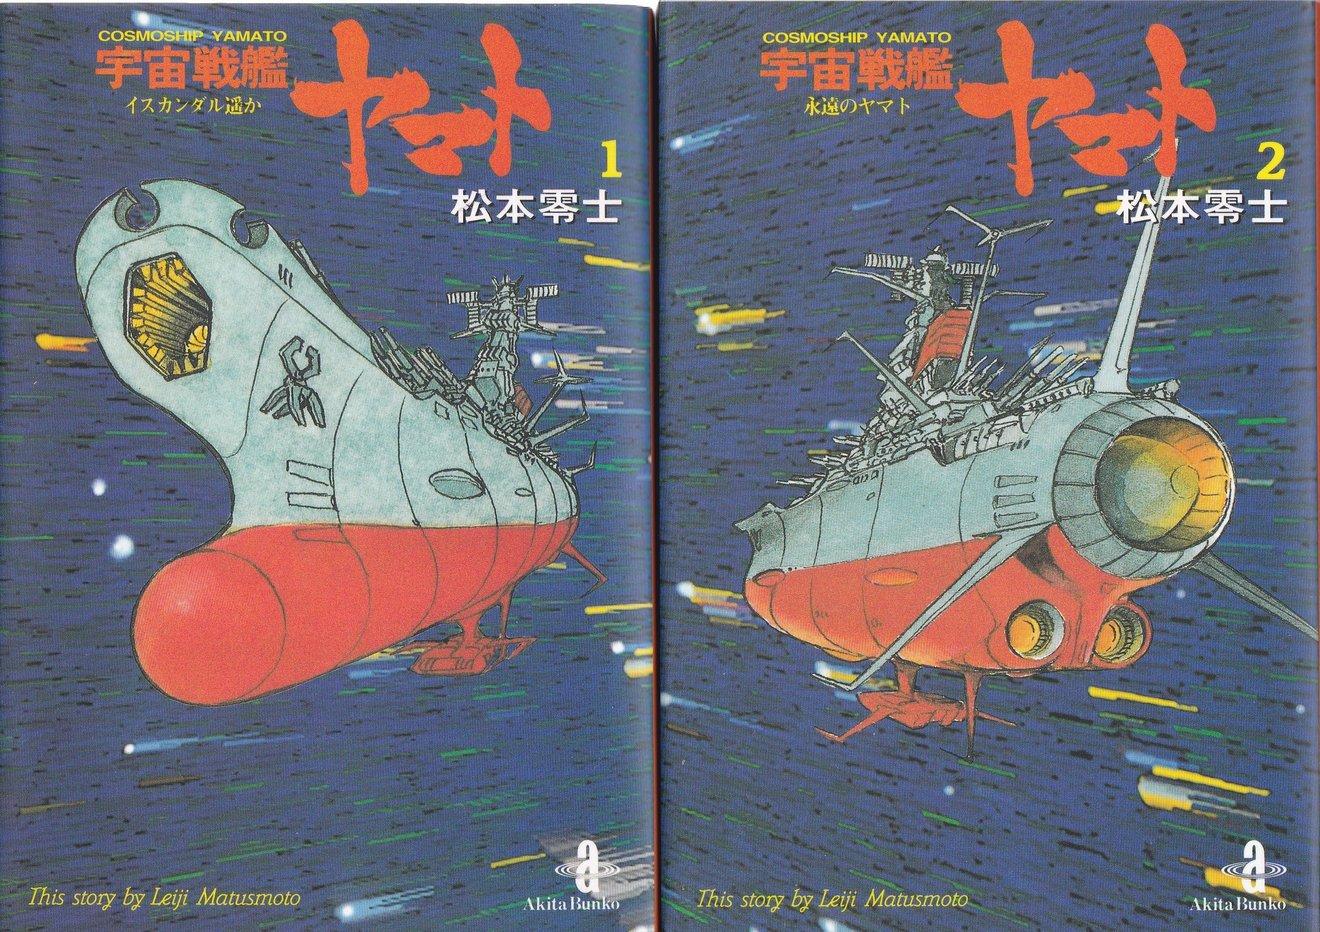 松本零士のおすすめ漫画ランキングベスト5!『銀河鉄道999』の作者